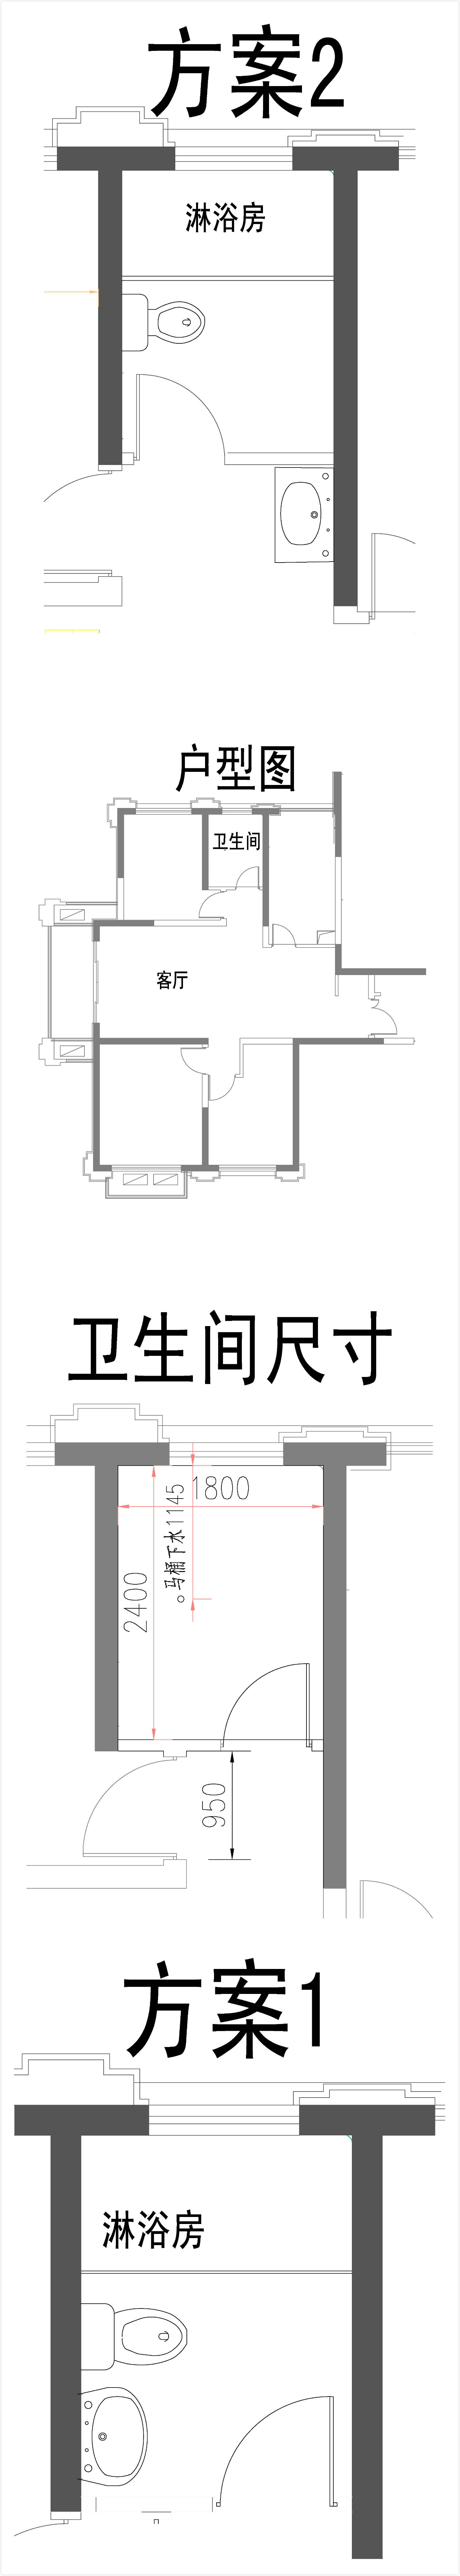 卫生间的设计疑问